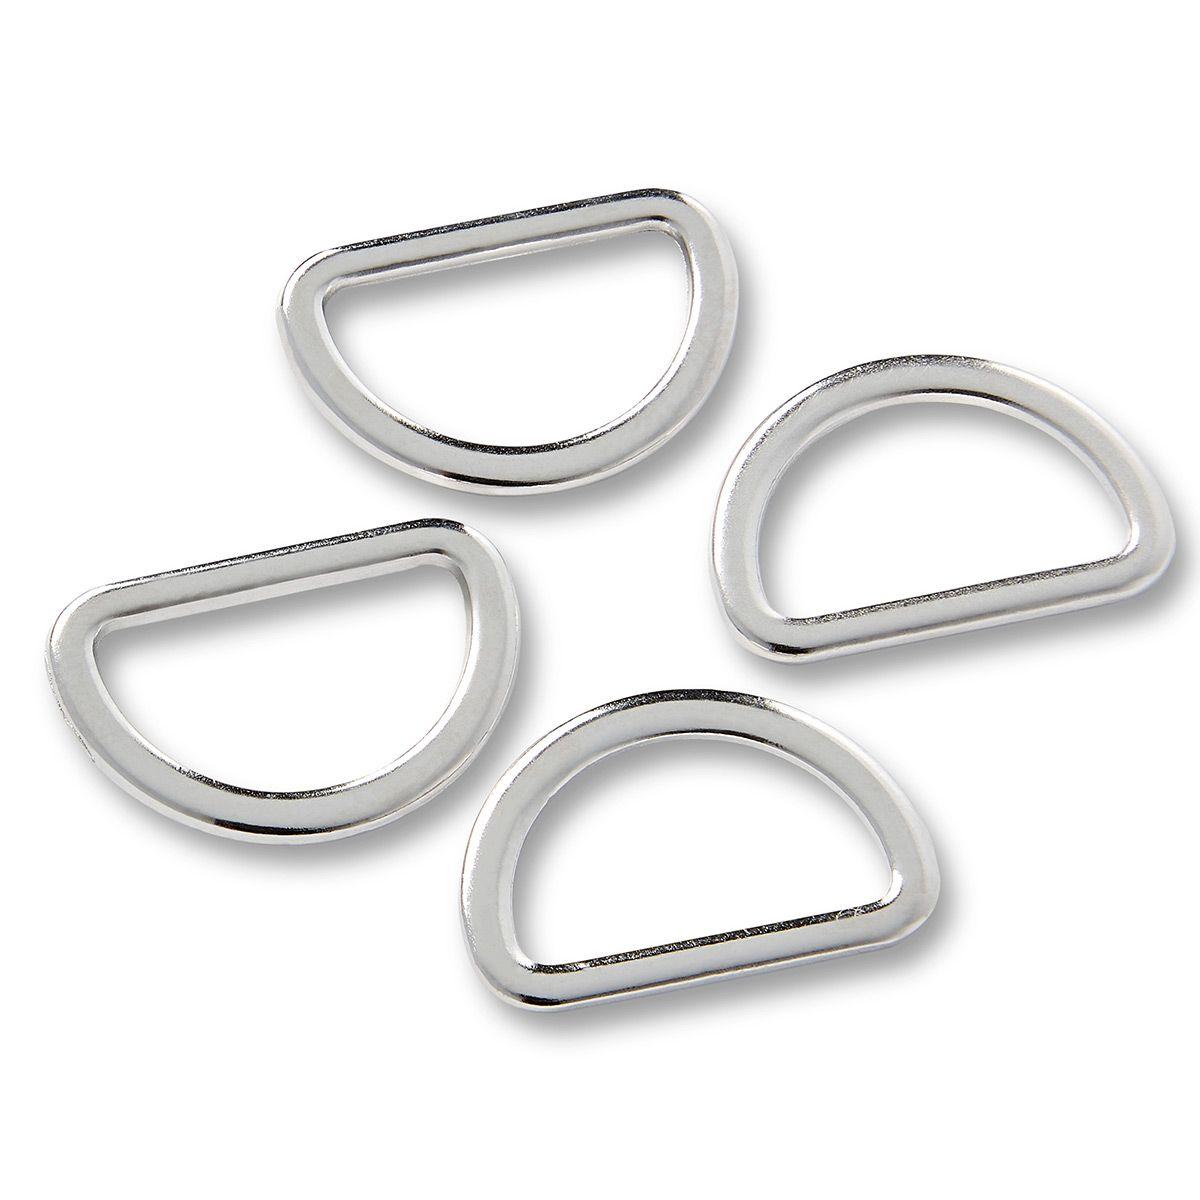 Boite de 4 anneaux en D - Argent 20 mm